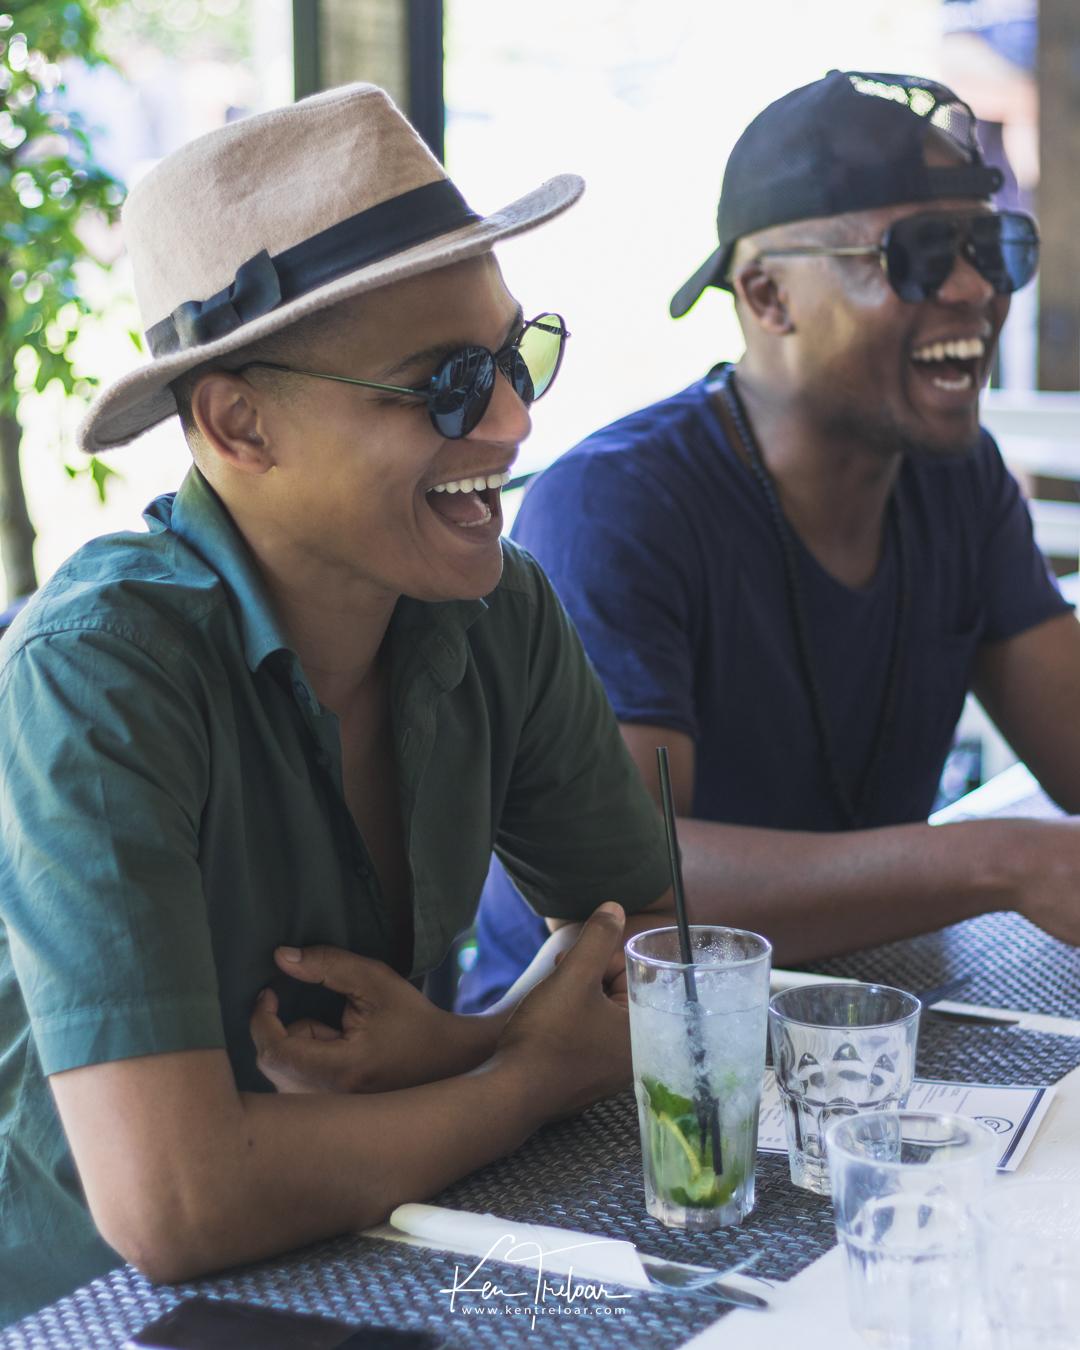 Ken Treloar Photography - Stellenbosch Brennaisance Best Friends photoshoot Cape Town B2-2.jpg